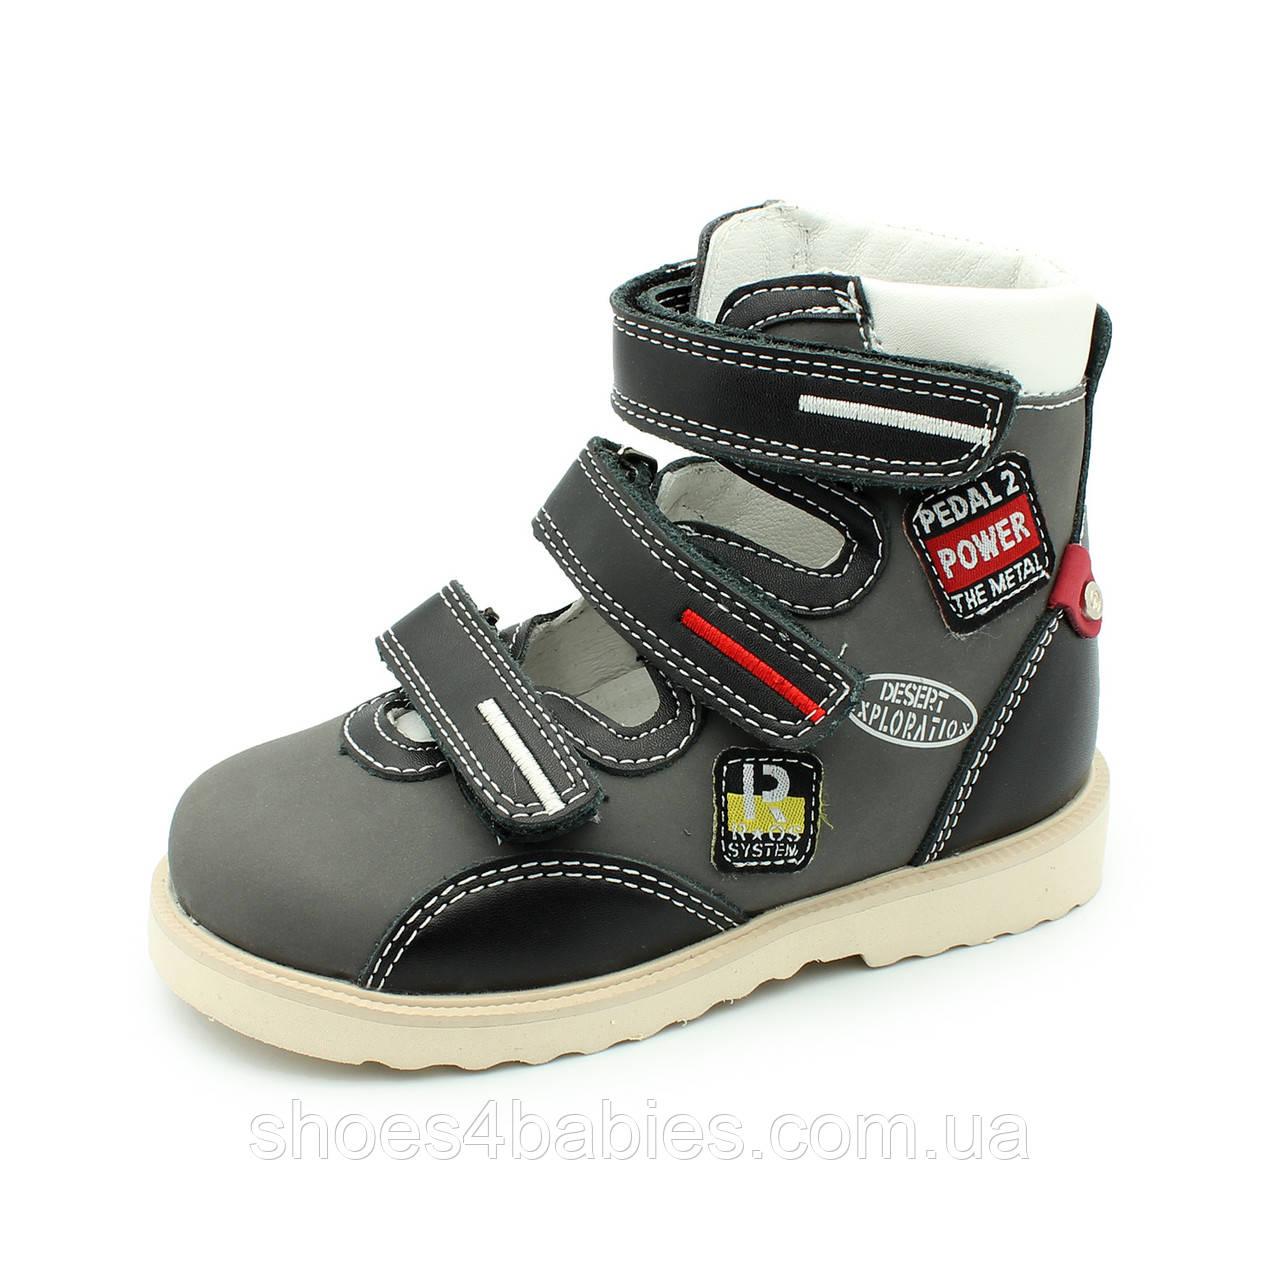 f3a44ef22 Детские ортопедические туфли Сурсил Орто р.20-28 модель 13-122 - Магазин